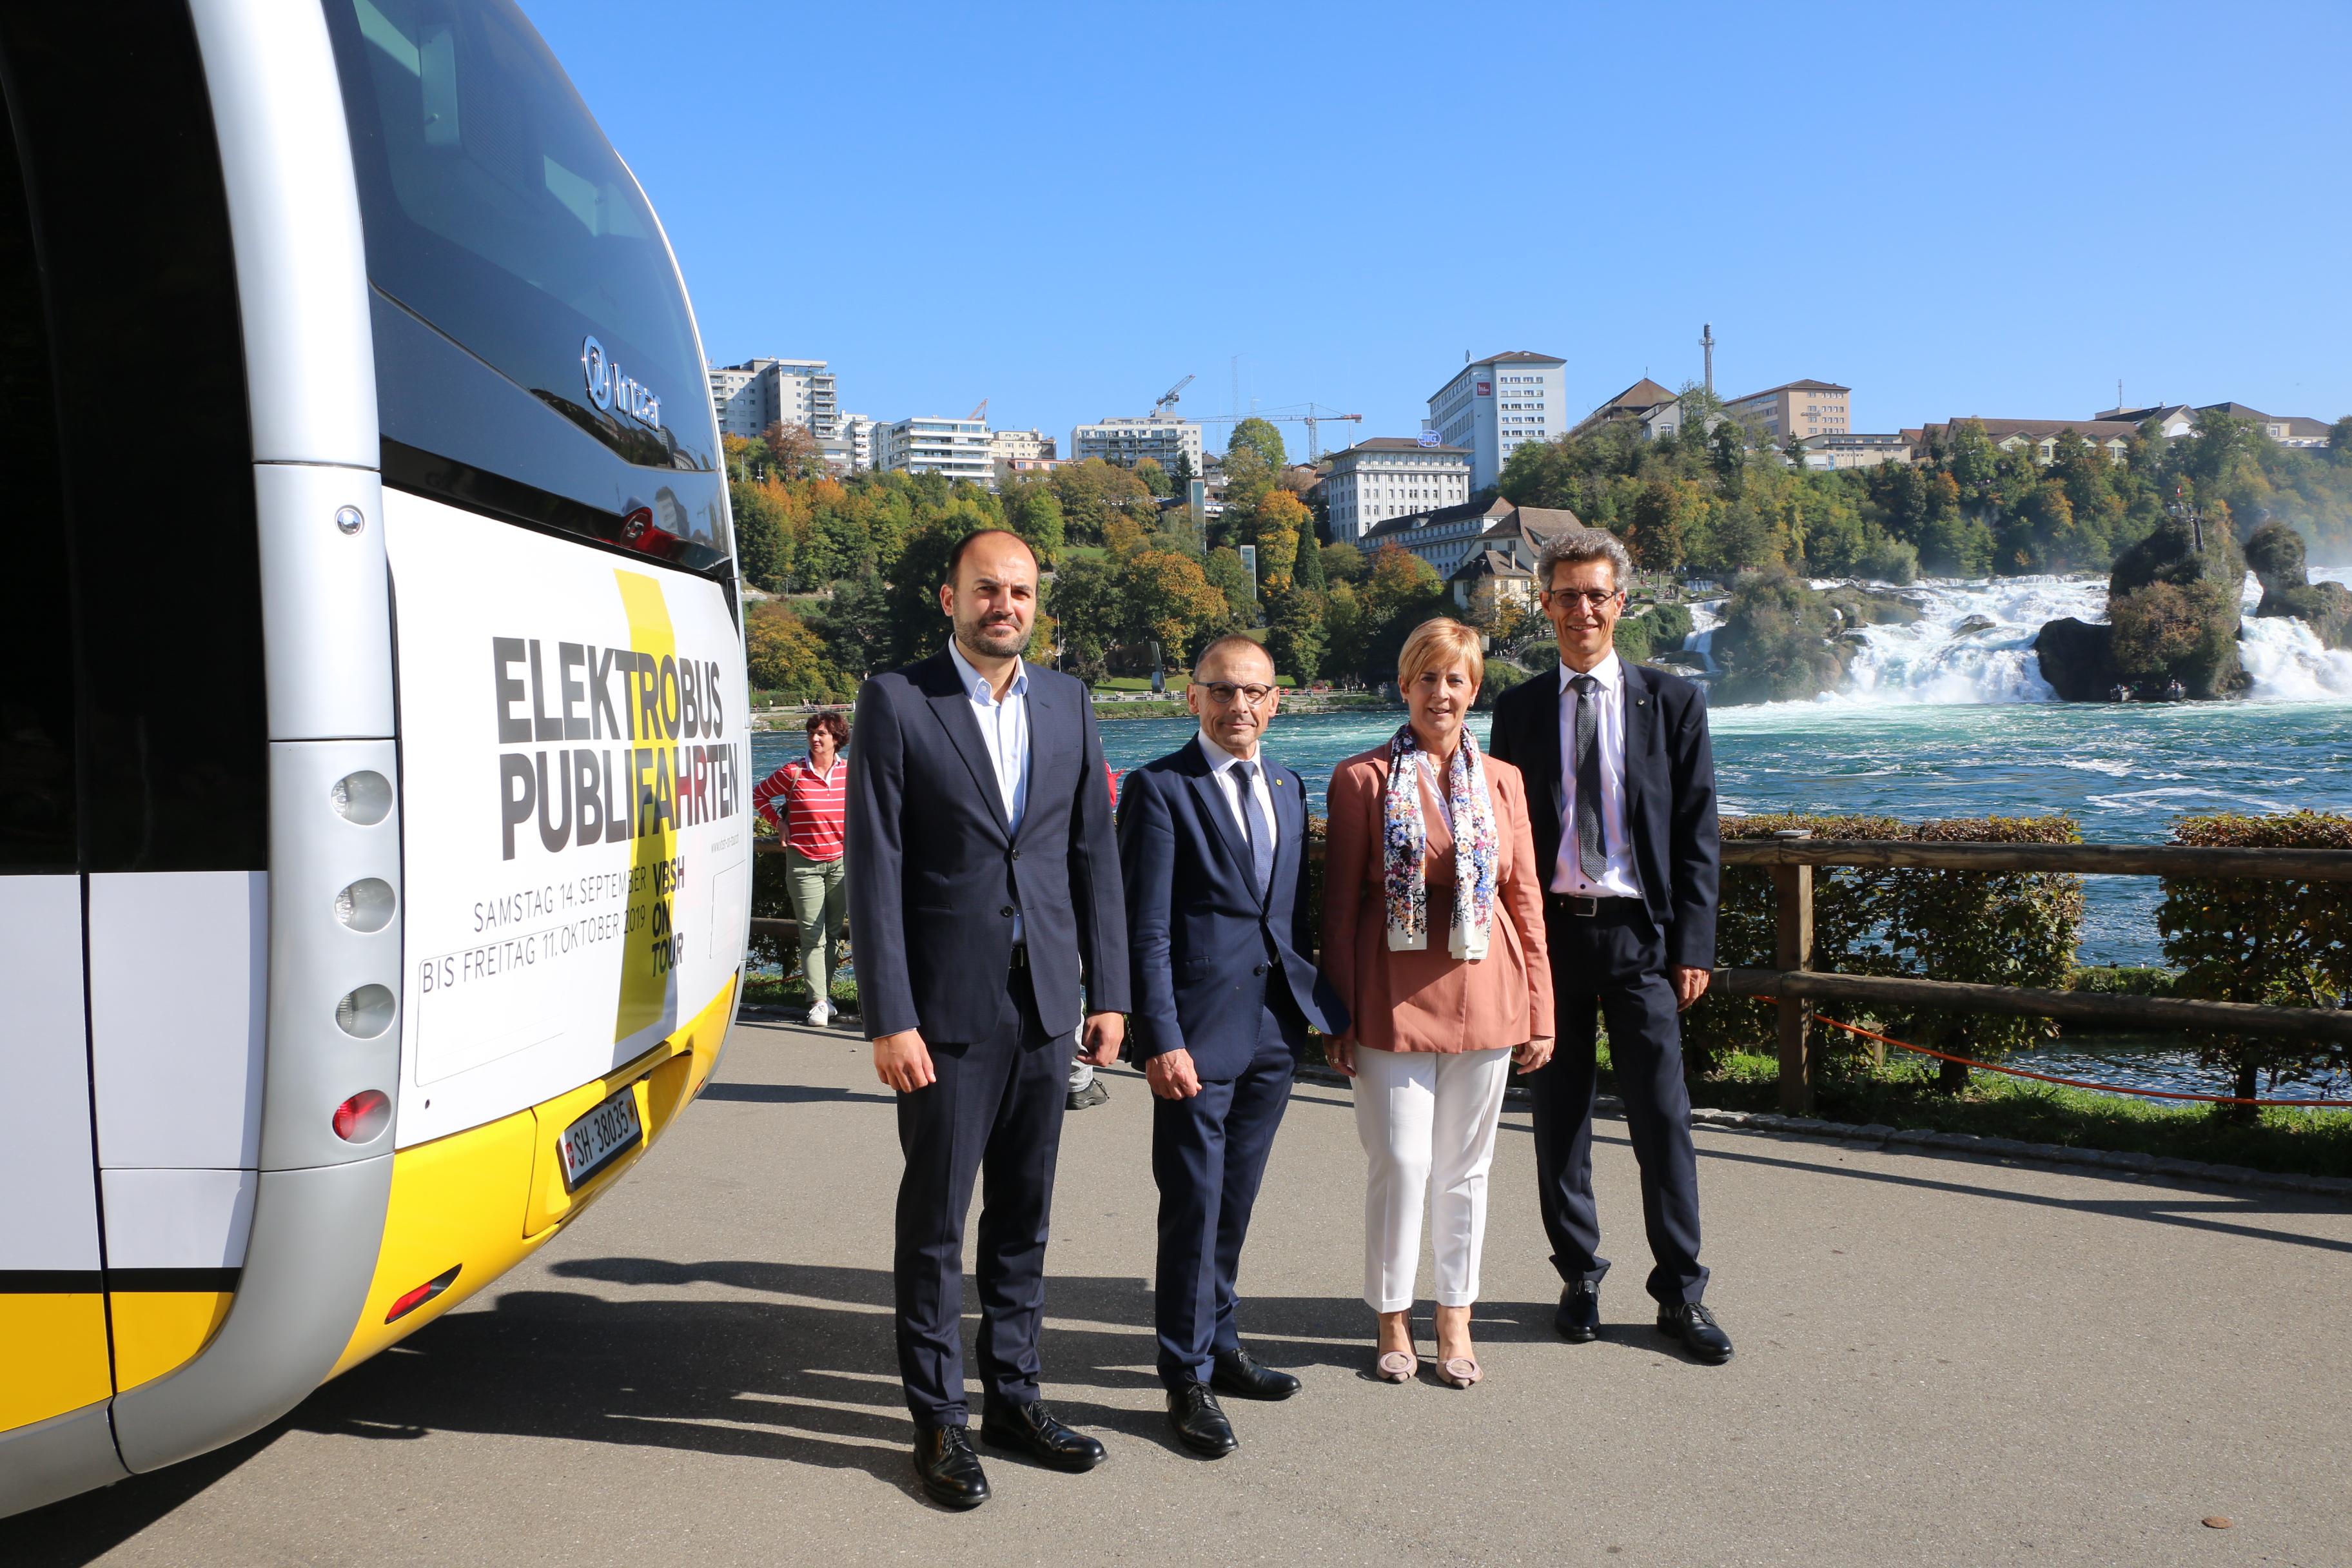 El Gobierno Vasco apoya el proyecto de autobús eléctrico de Irizar en Schaffhausen